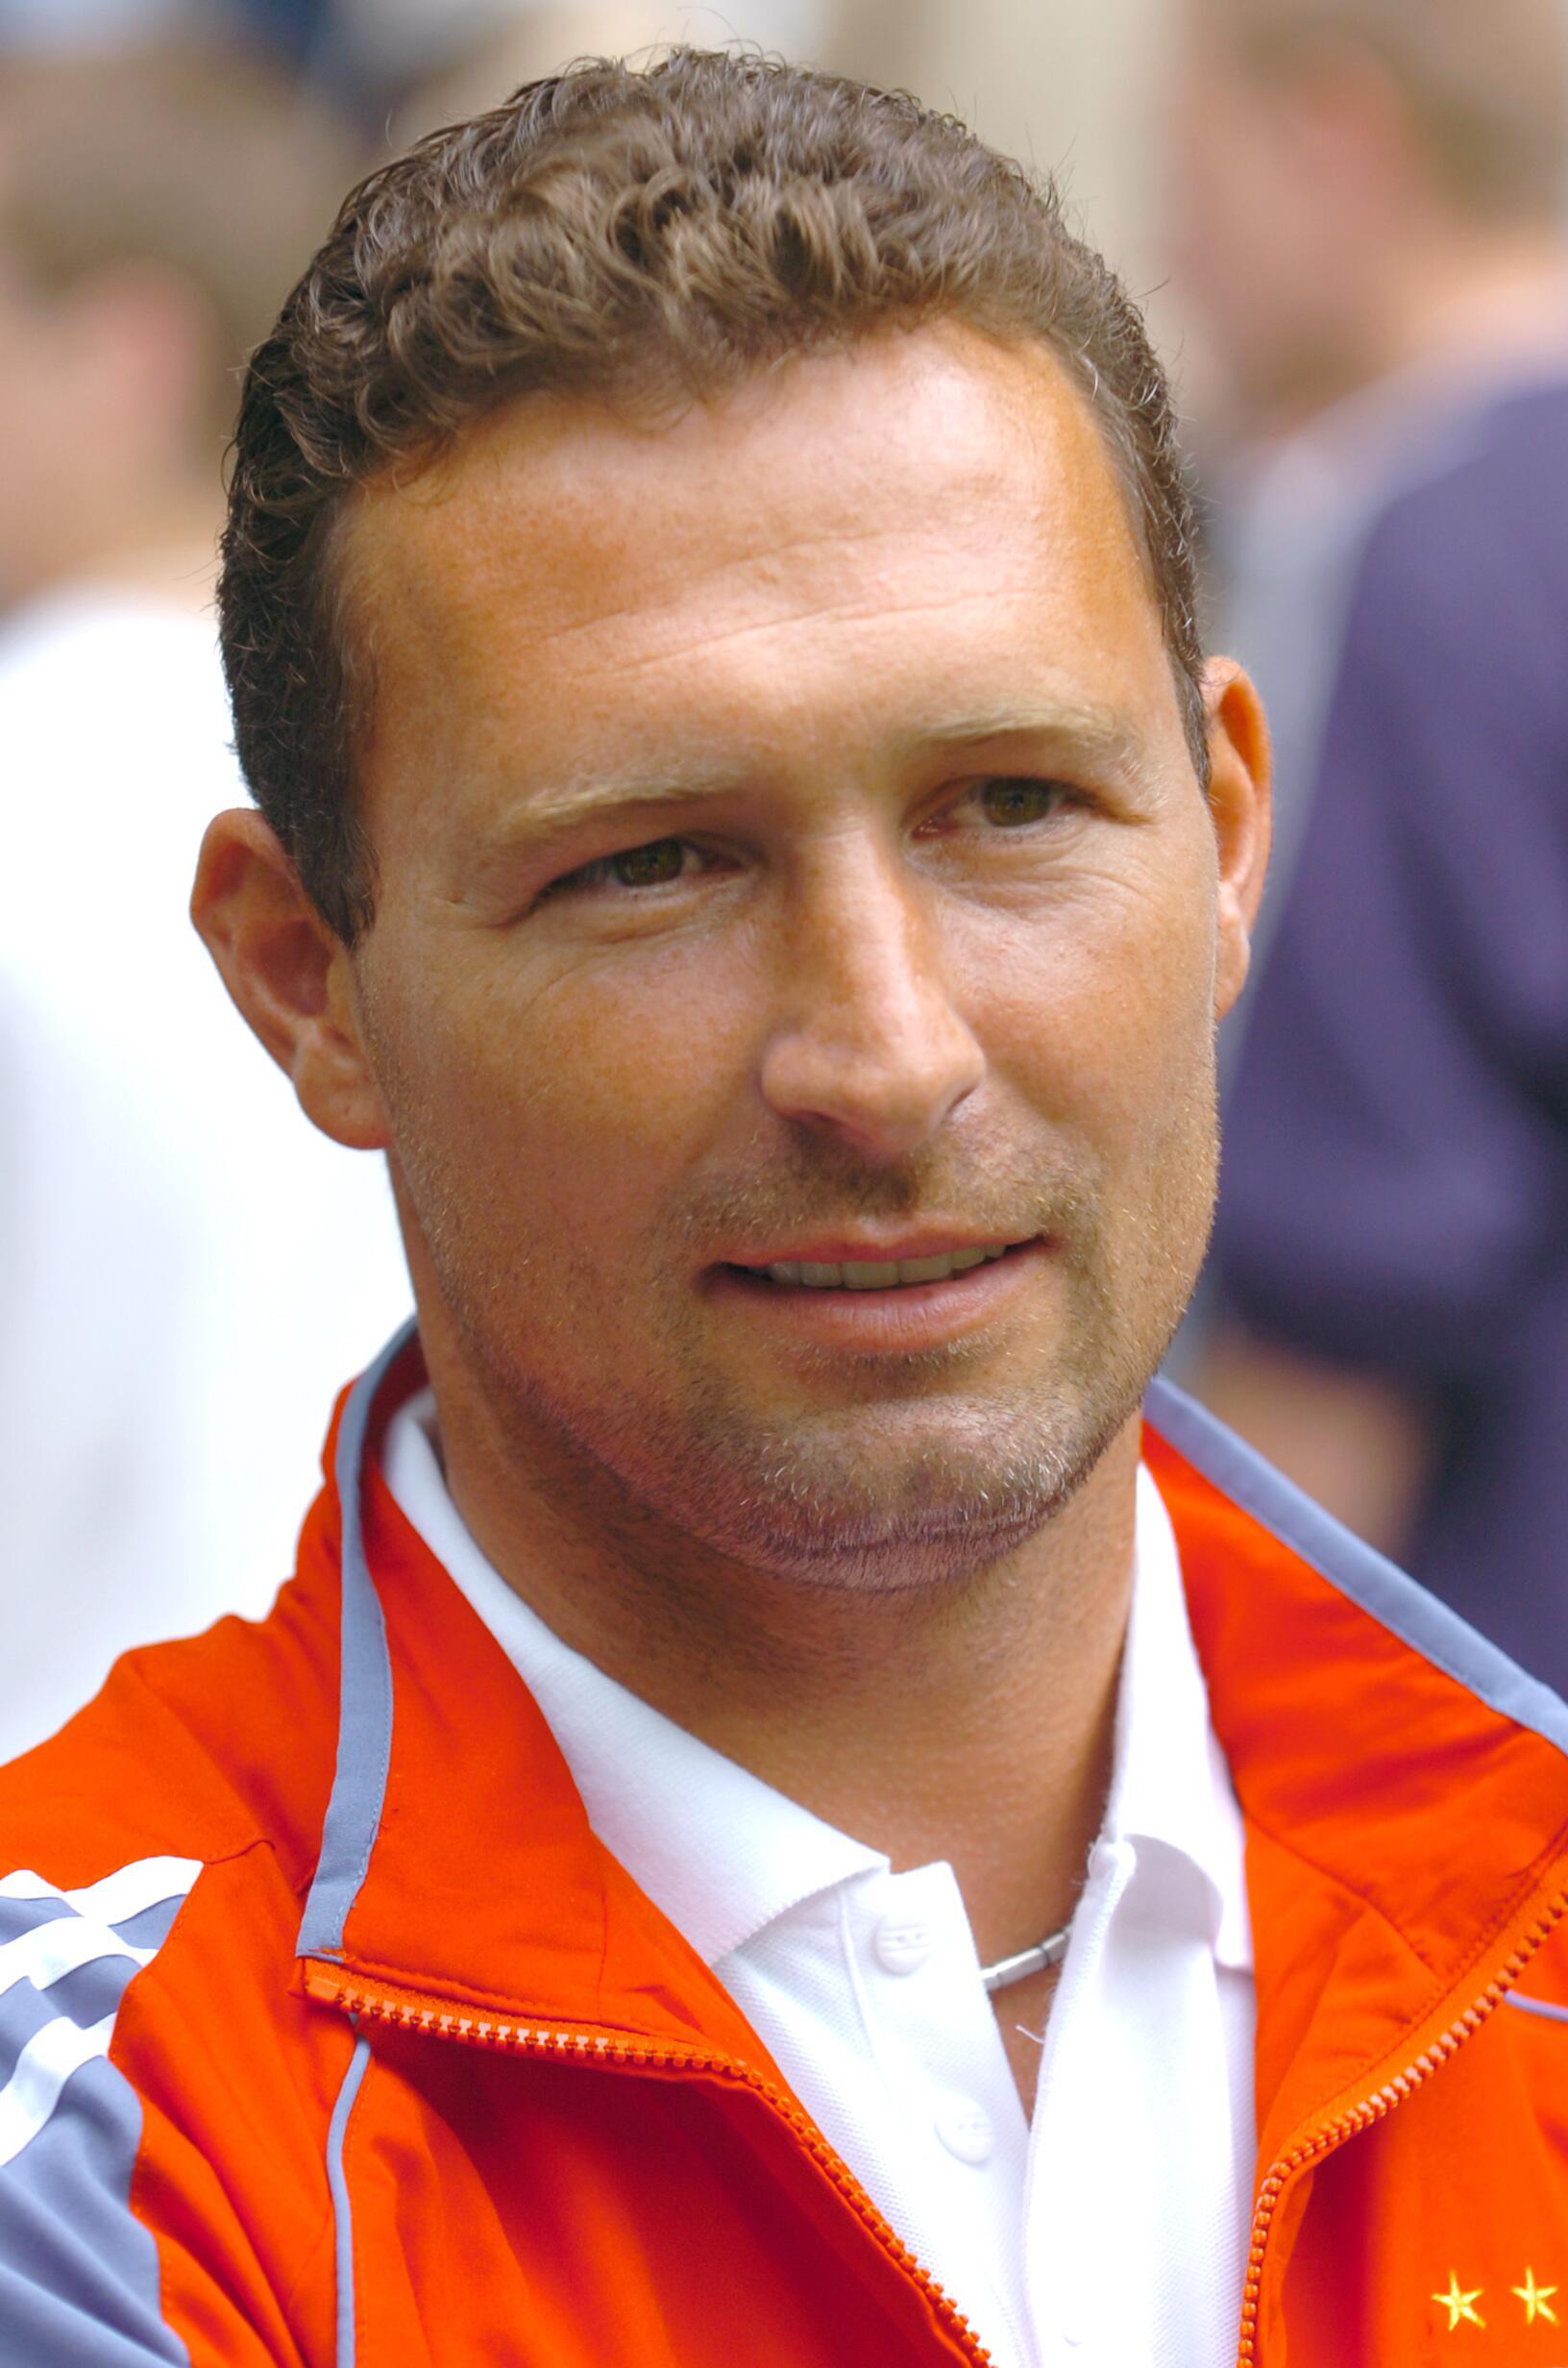 Bild zu Stephan Beckenbauer, FC Bayern München, Jugendtrainer, Trainer, Nachwuchs